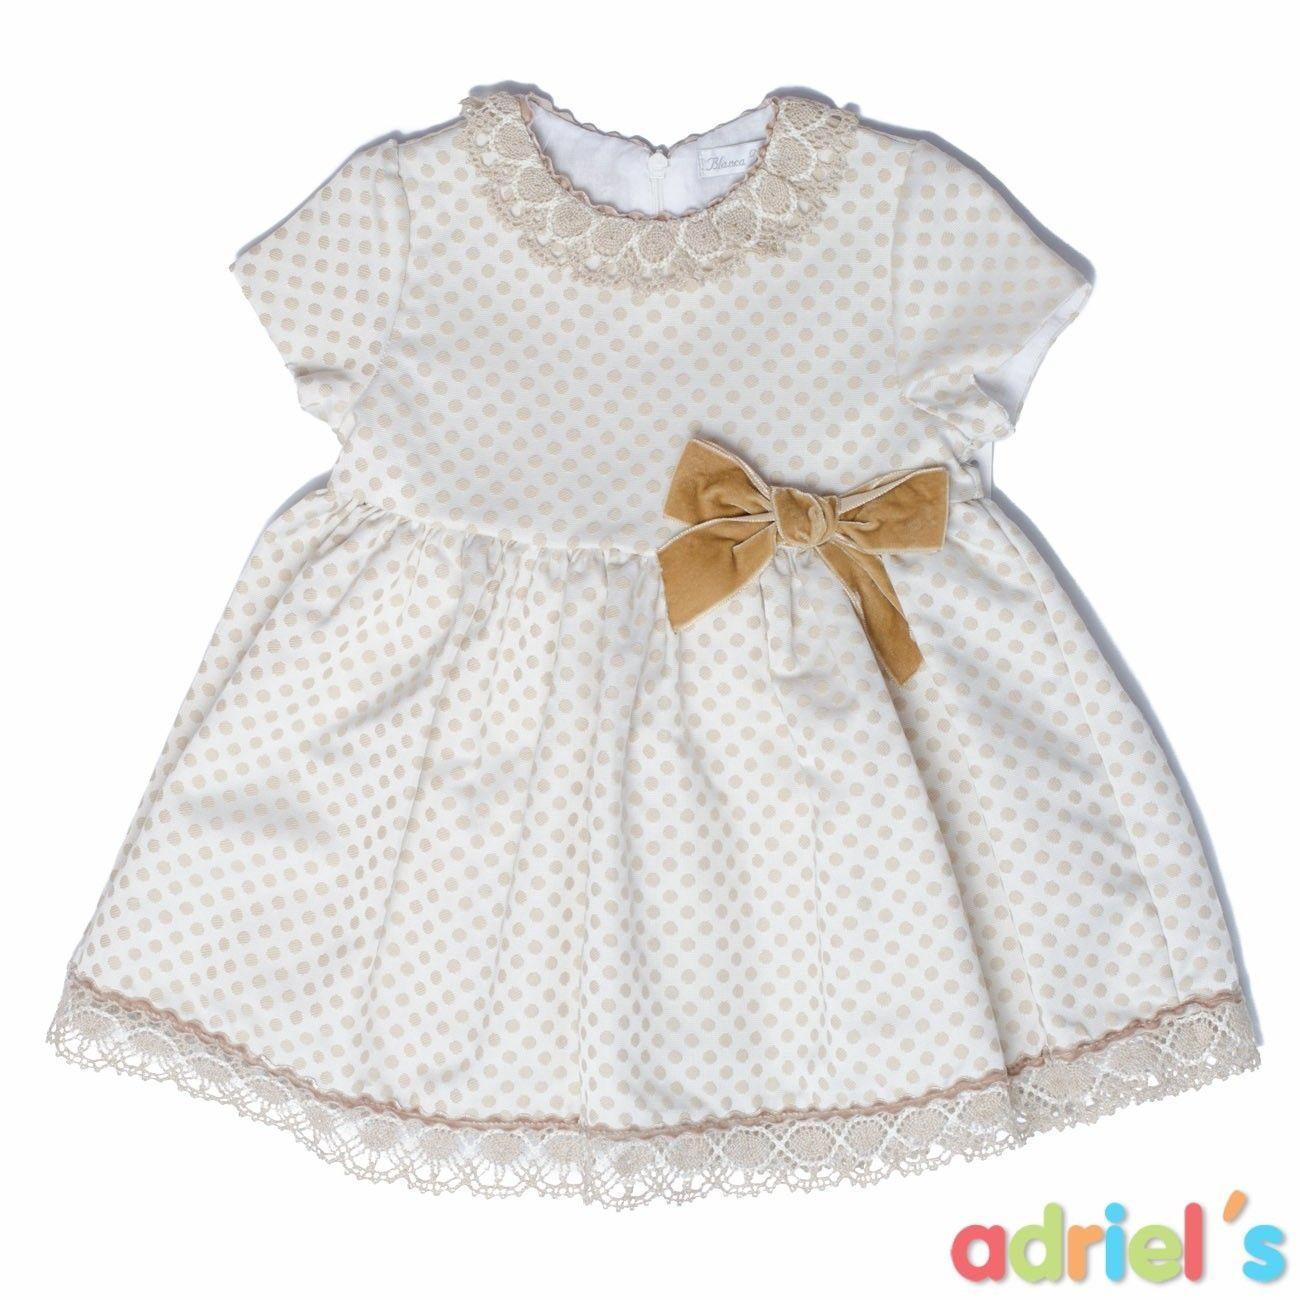 c3110c068 ¡Encuentra las mejores oportunidades en el OUTLET de Adriels Moda Infantil!  Vestido beige para